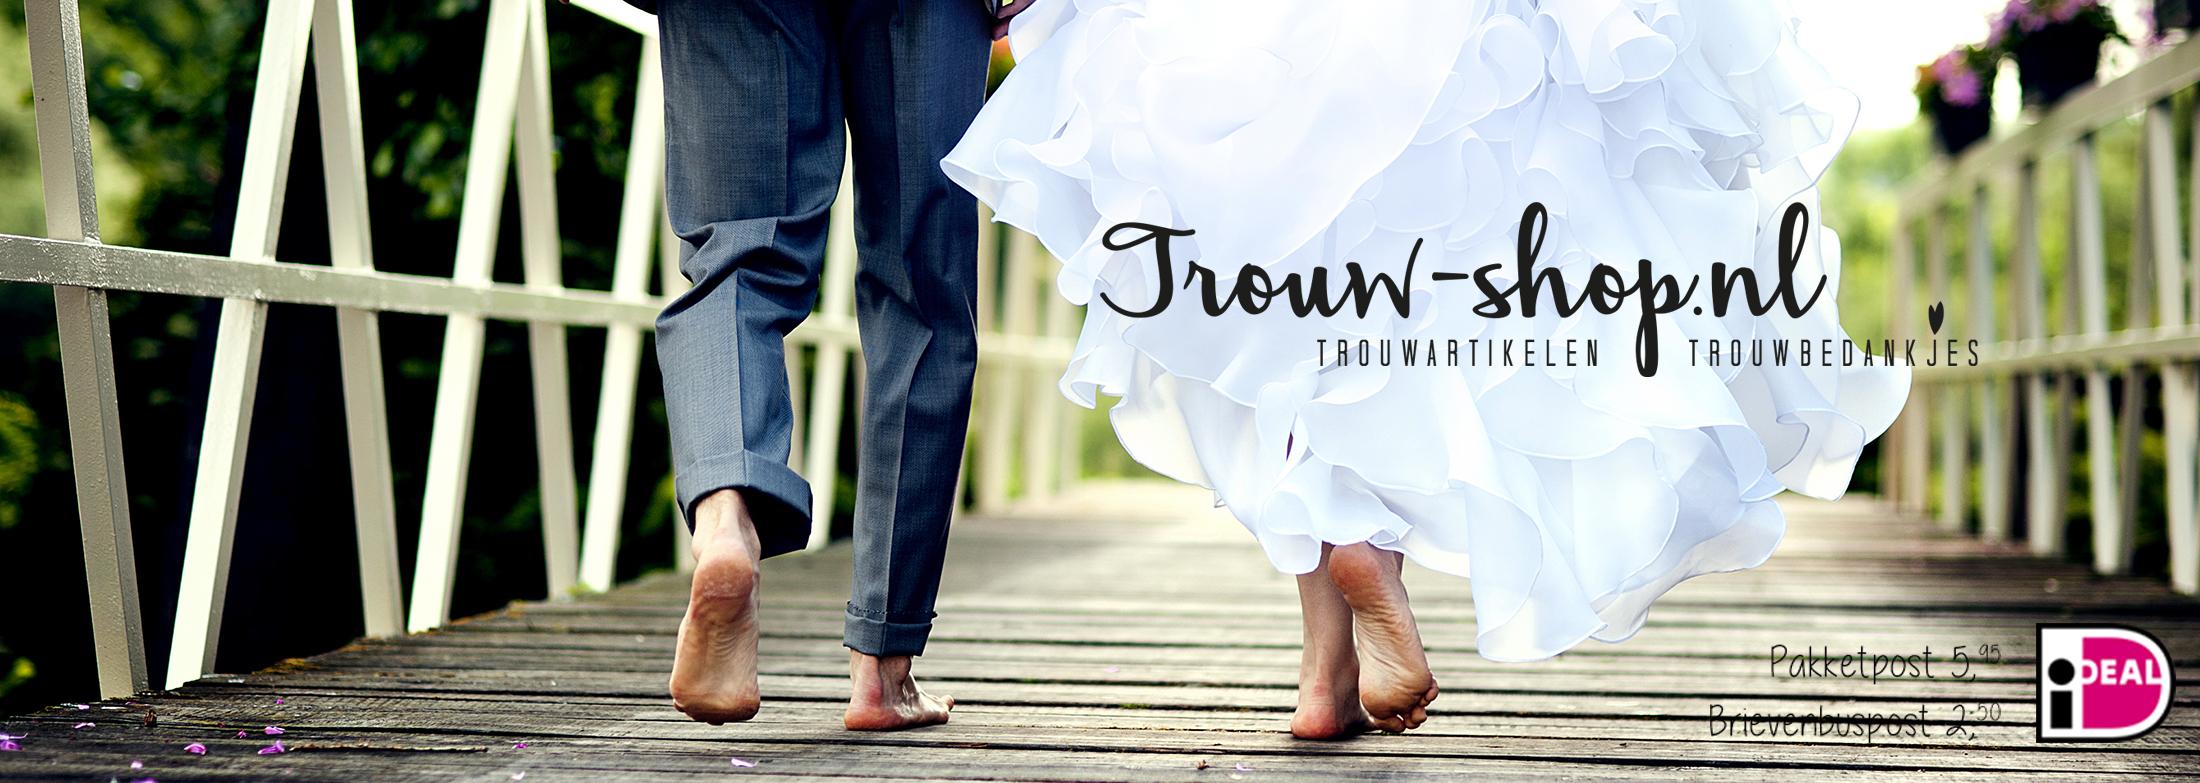 www.trouw-shop.nl - Trouwartikelen & trouwbedankjes